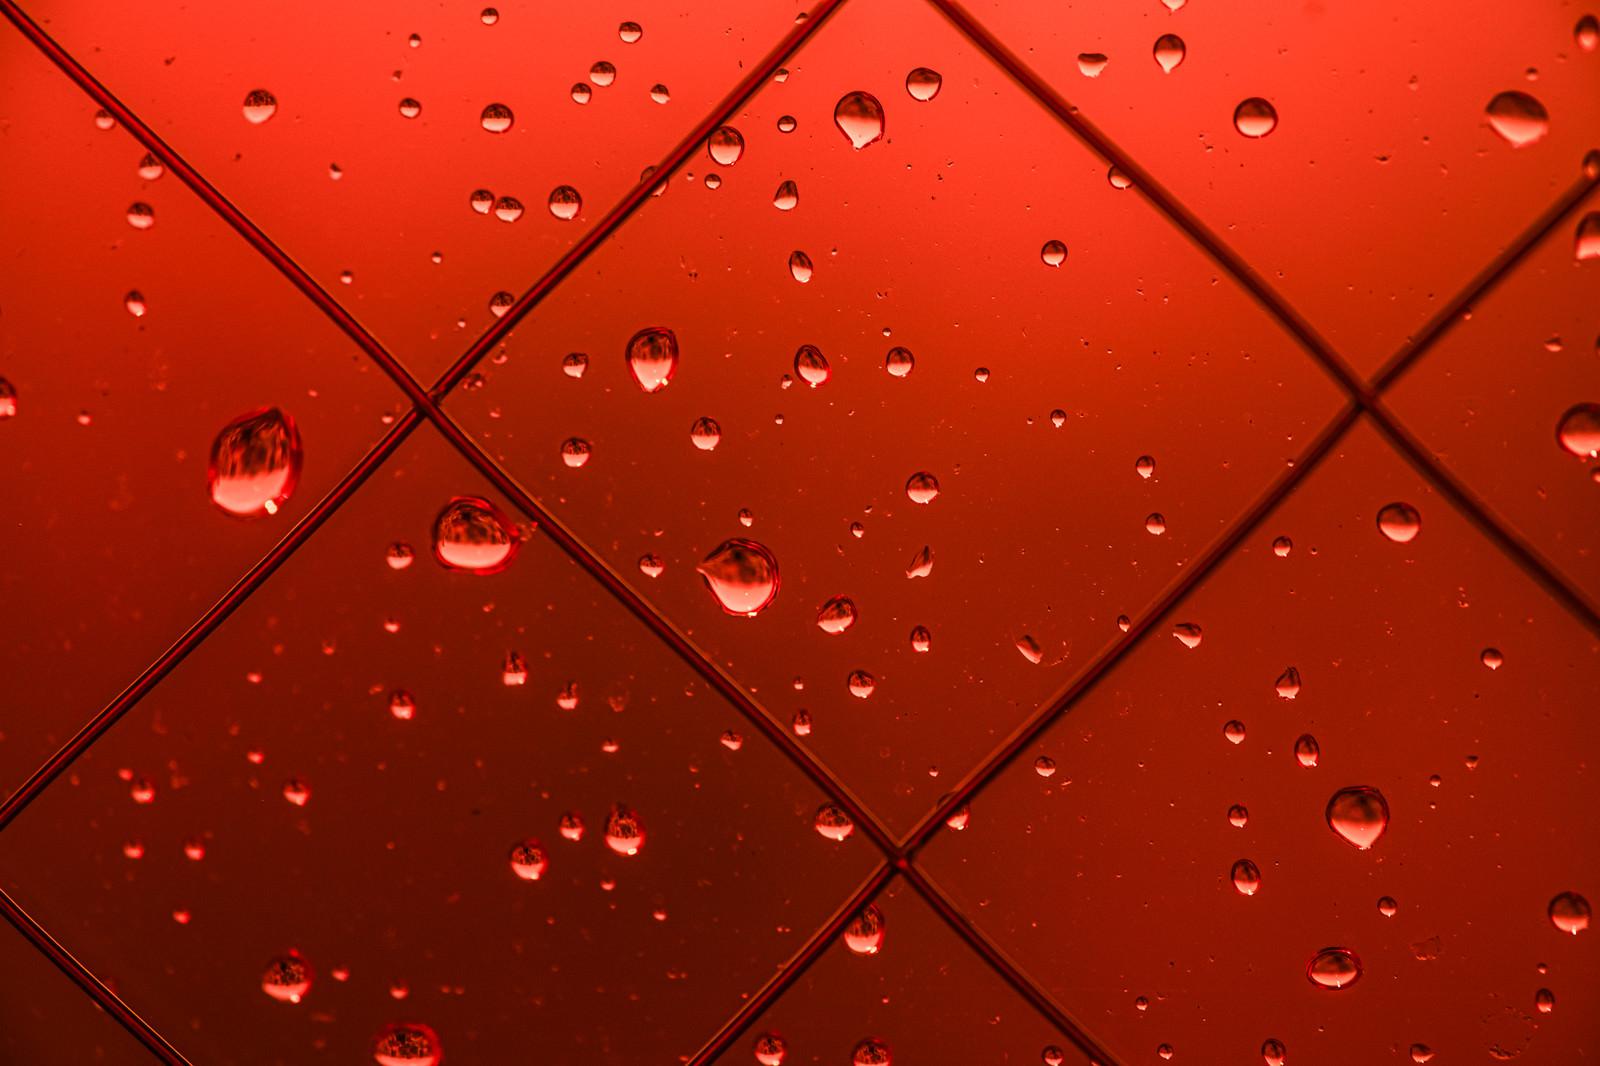 「赤い窓と水滴」の写真